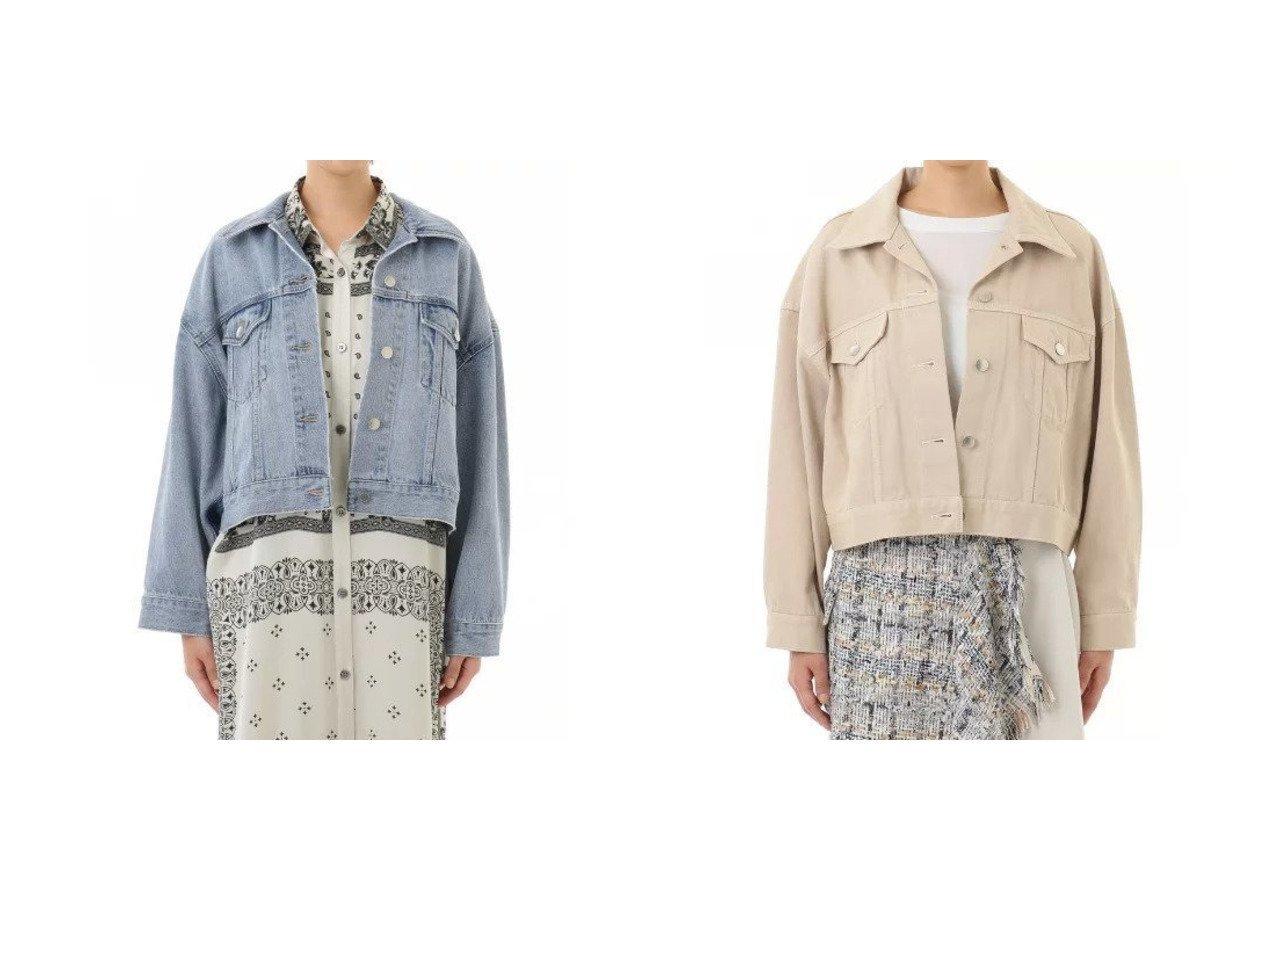 【GRACE CONTINENTAL/グレース コンチネンタル】のオープンカラーデニムジャケット アウターのおすすめ!人気、トレンド・レディースファッションの通販 おすすめで人気の流行・トレンド、ファッションの通販商品 メンズファッション・キッズファッション・インテリア・家具・レディースファッション・服の通販 founy(ファニー) https://founy.com/ ファッション Fashion レディースファッション WOMEN アウター Coat Outerwear ジャケット Jackets デニムジャケット Denim Jackets ジャケット デニム |ID:crp329100000024026